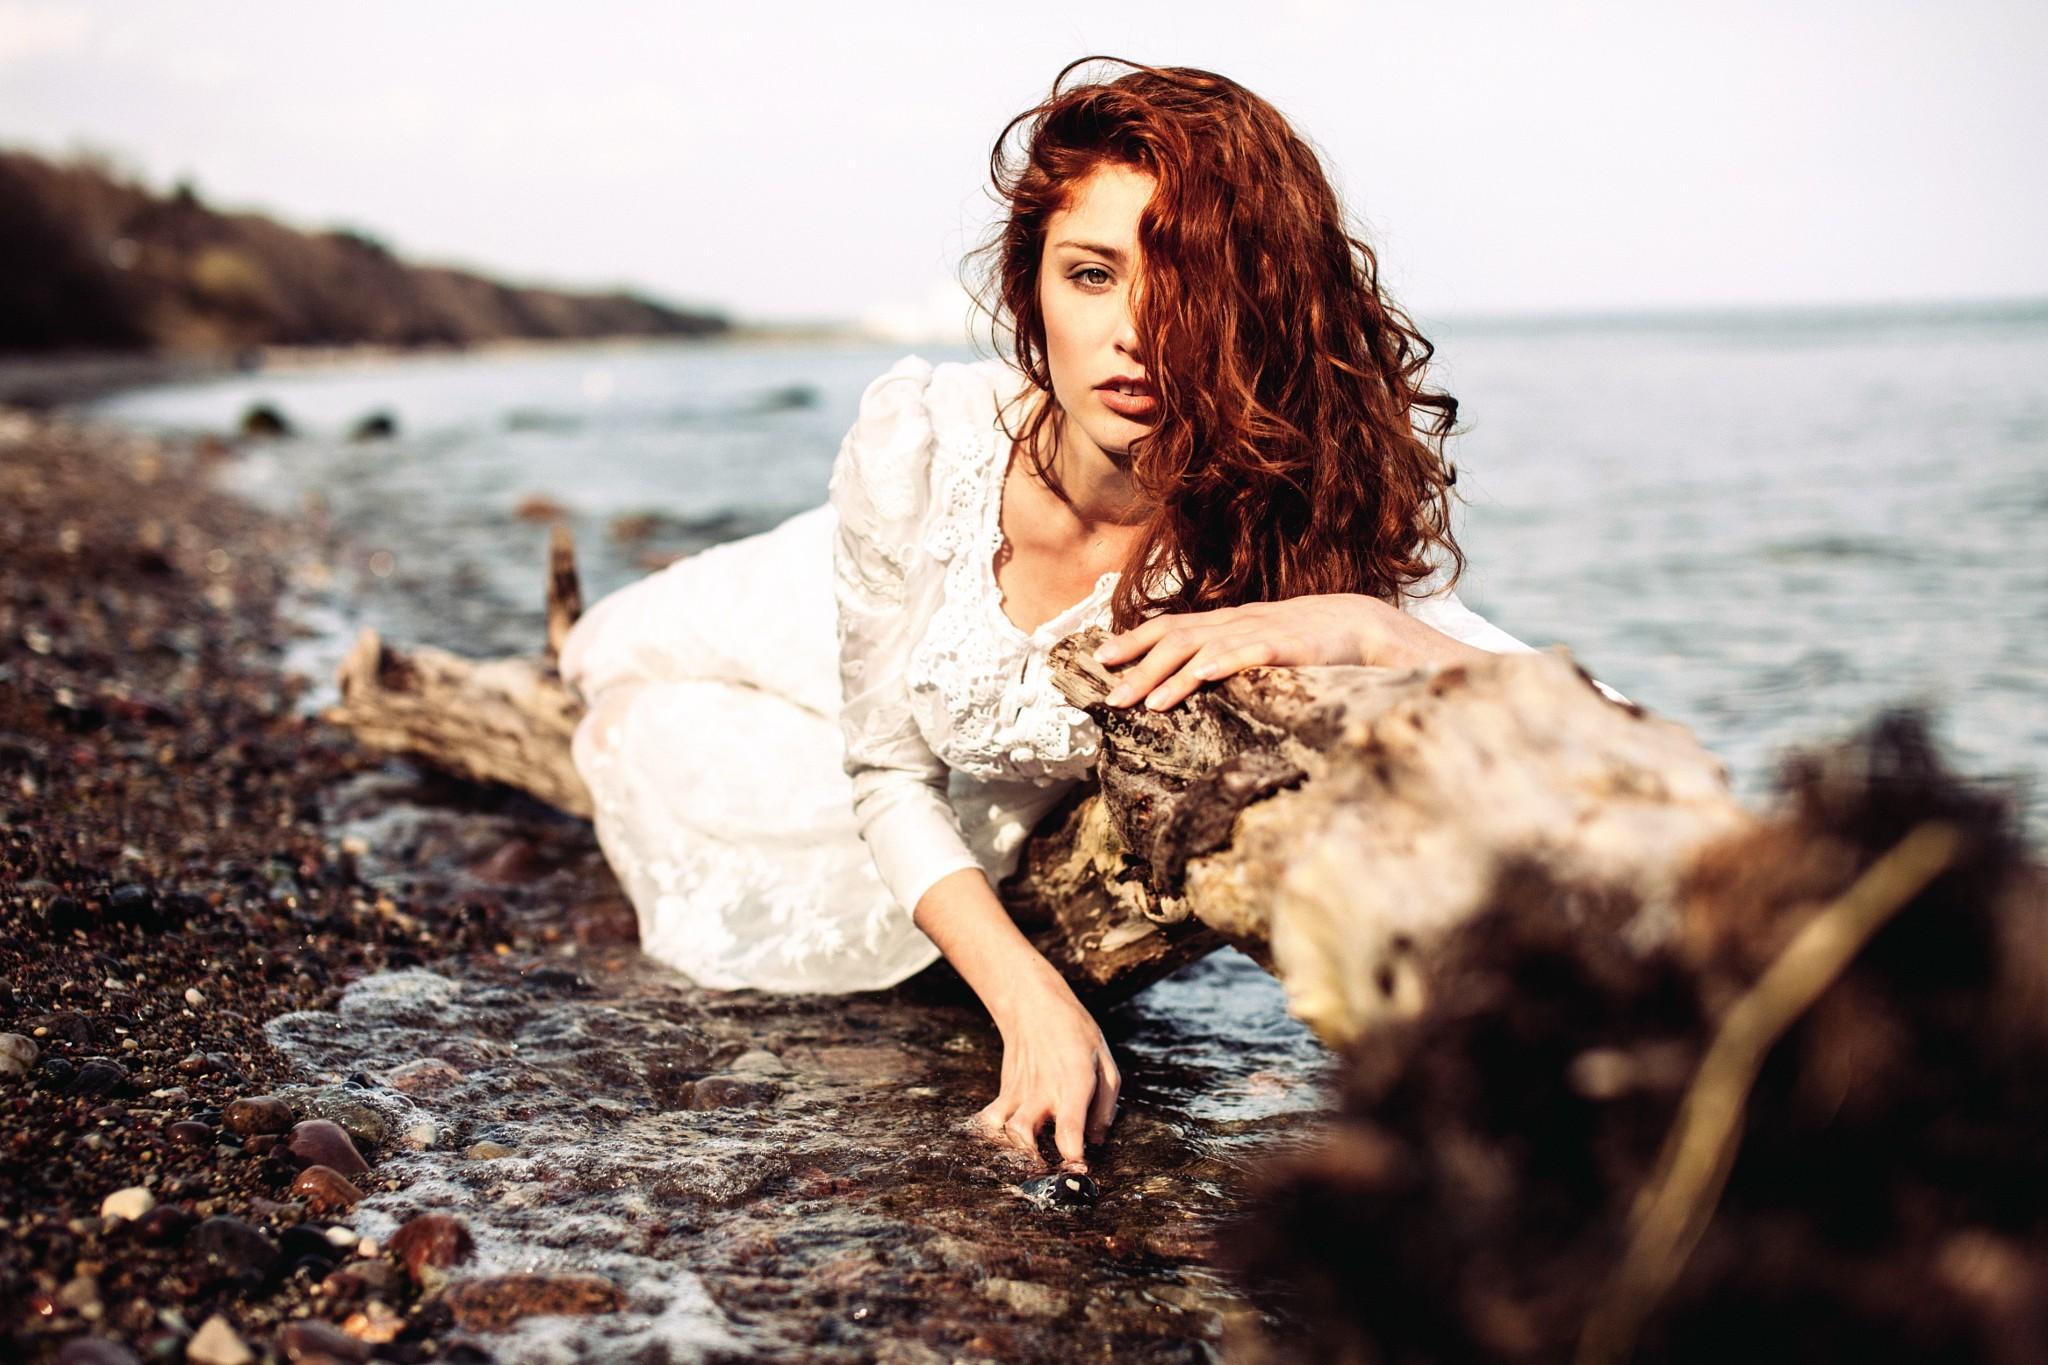 песочного портрет на фоне воды фото пора написать